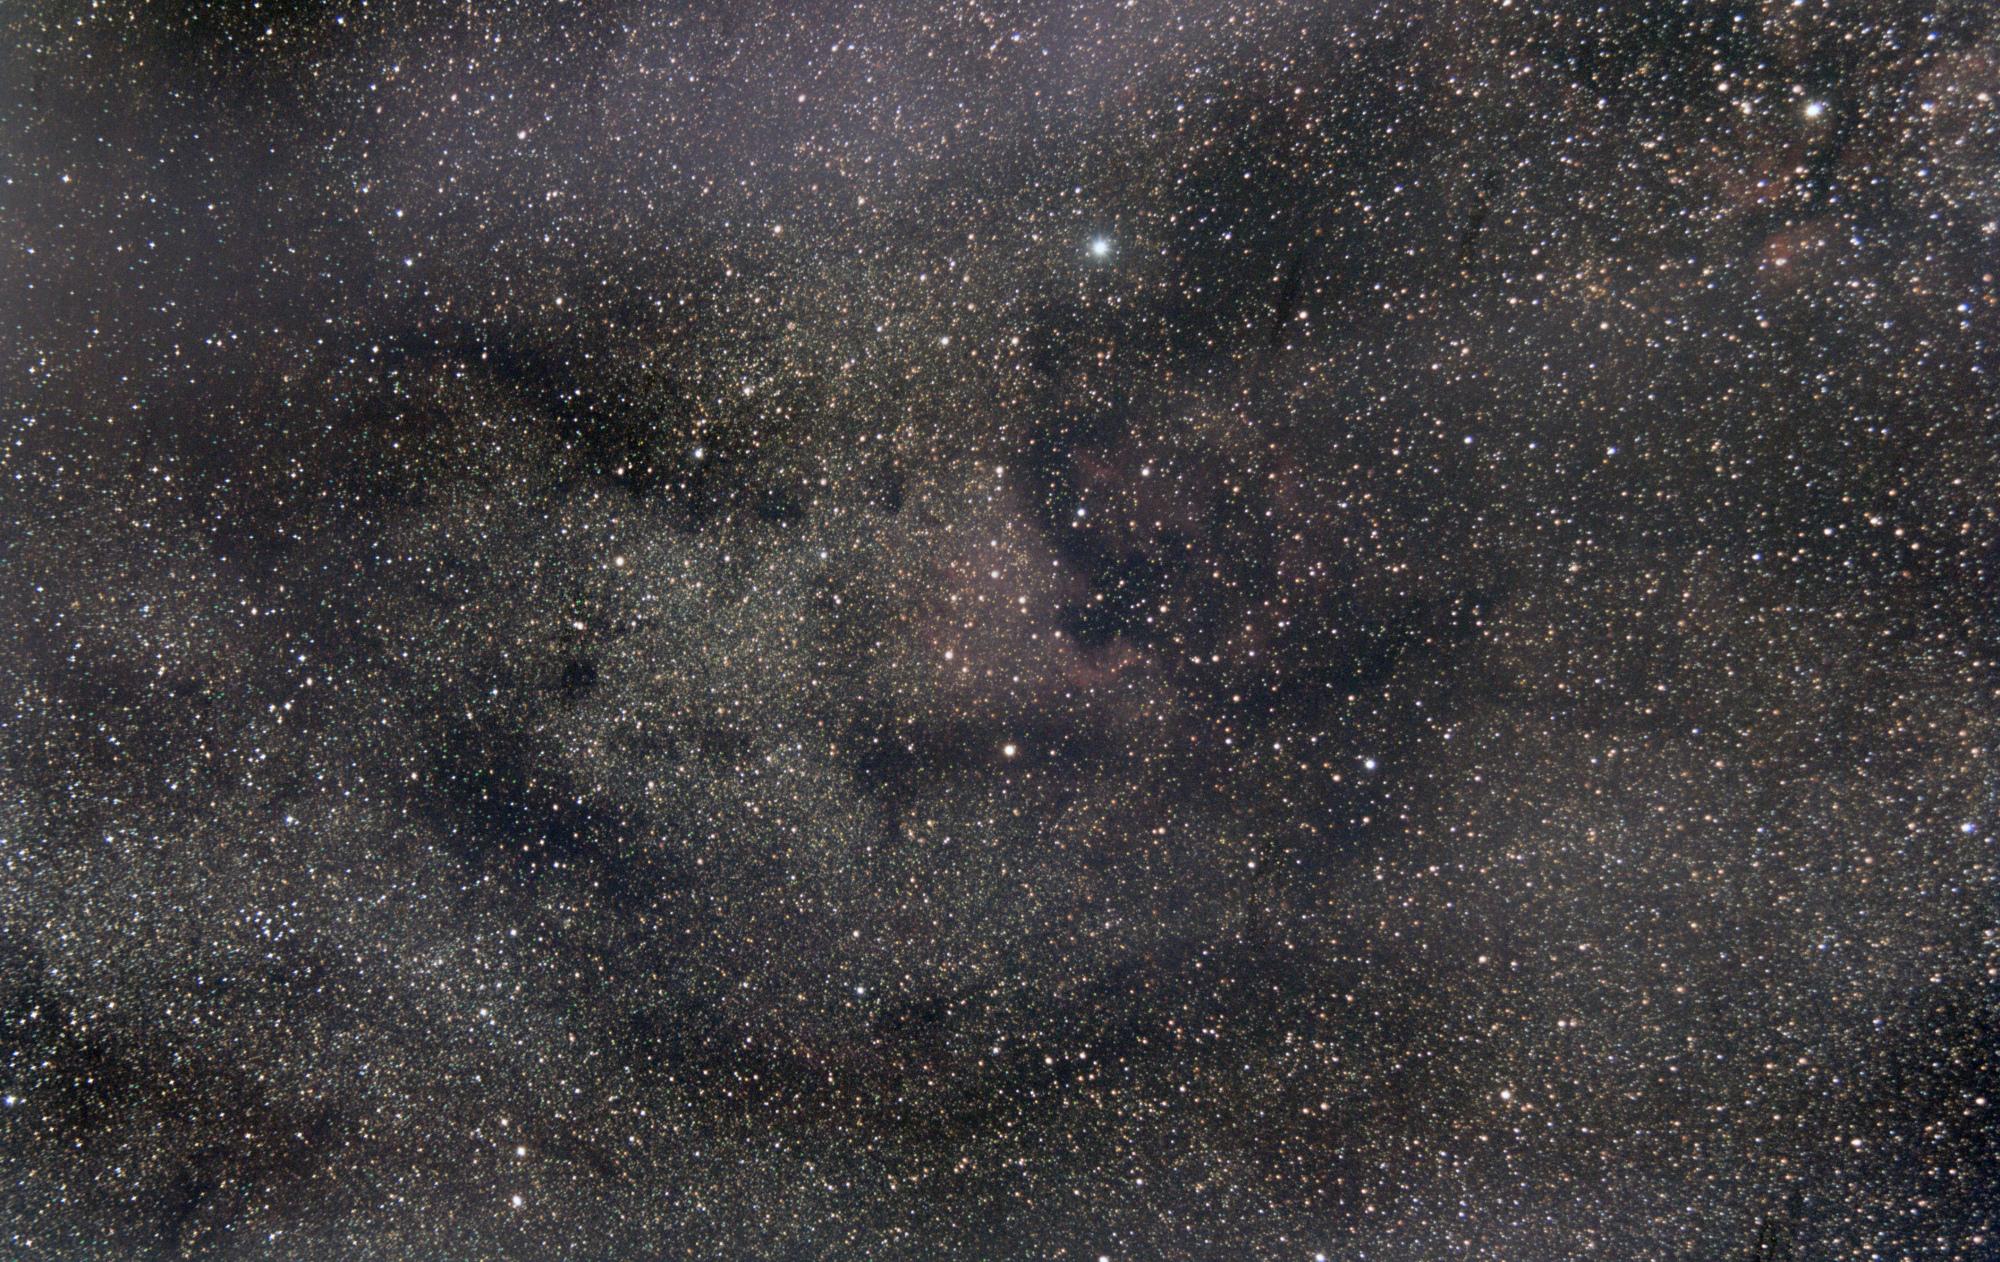 NGC7000_SIRIL_CS2_Exclusion_v2.thumb.jpg.a1a2985bef8bf273c3521eb76a37382a.jpg